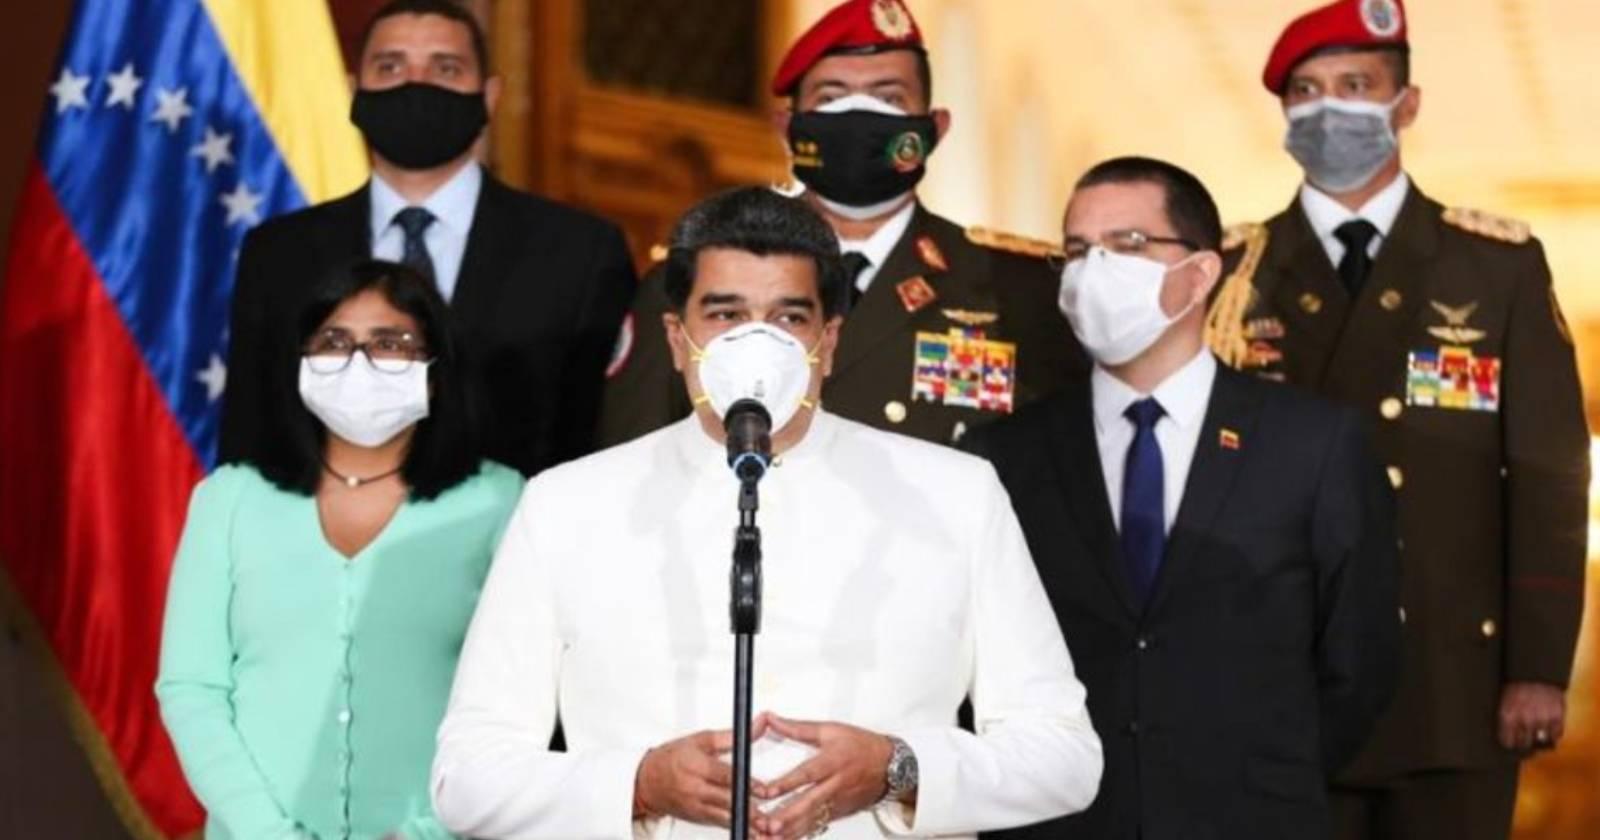 Estados Unidos ofrece 10 millones de dólares por ex ministros de Nicolás Maduro